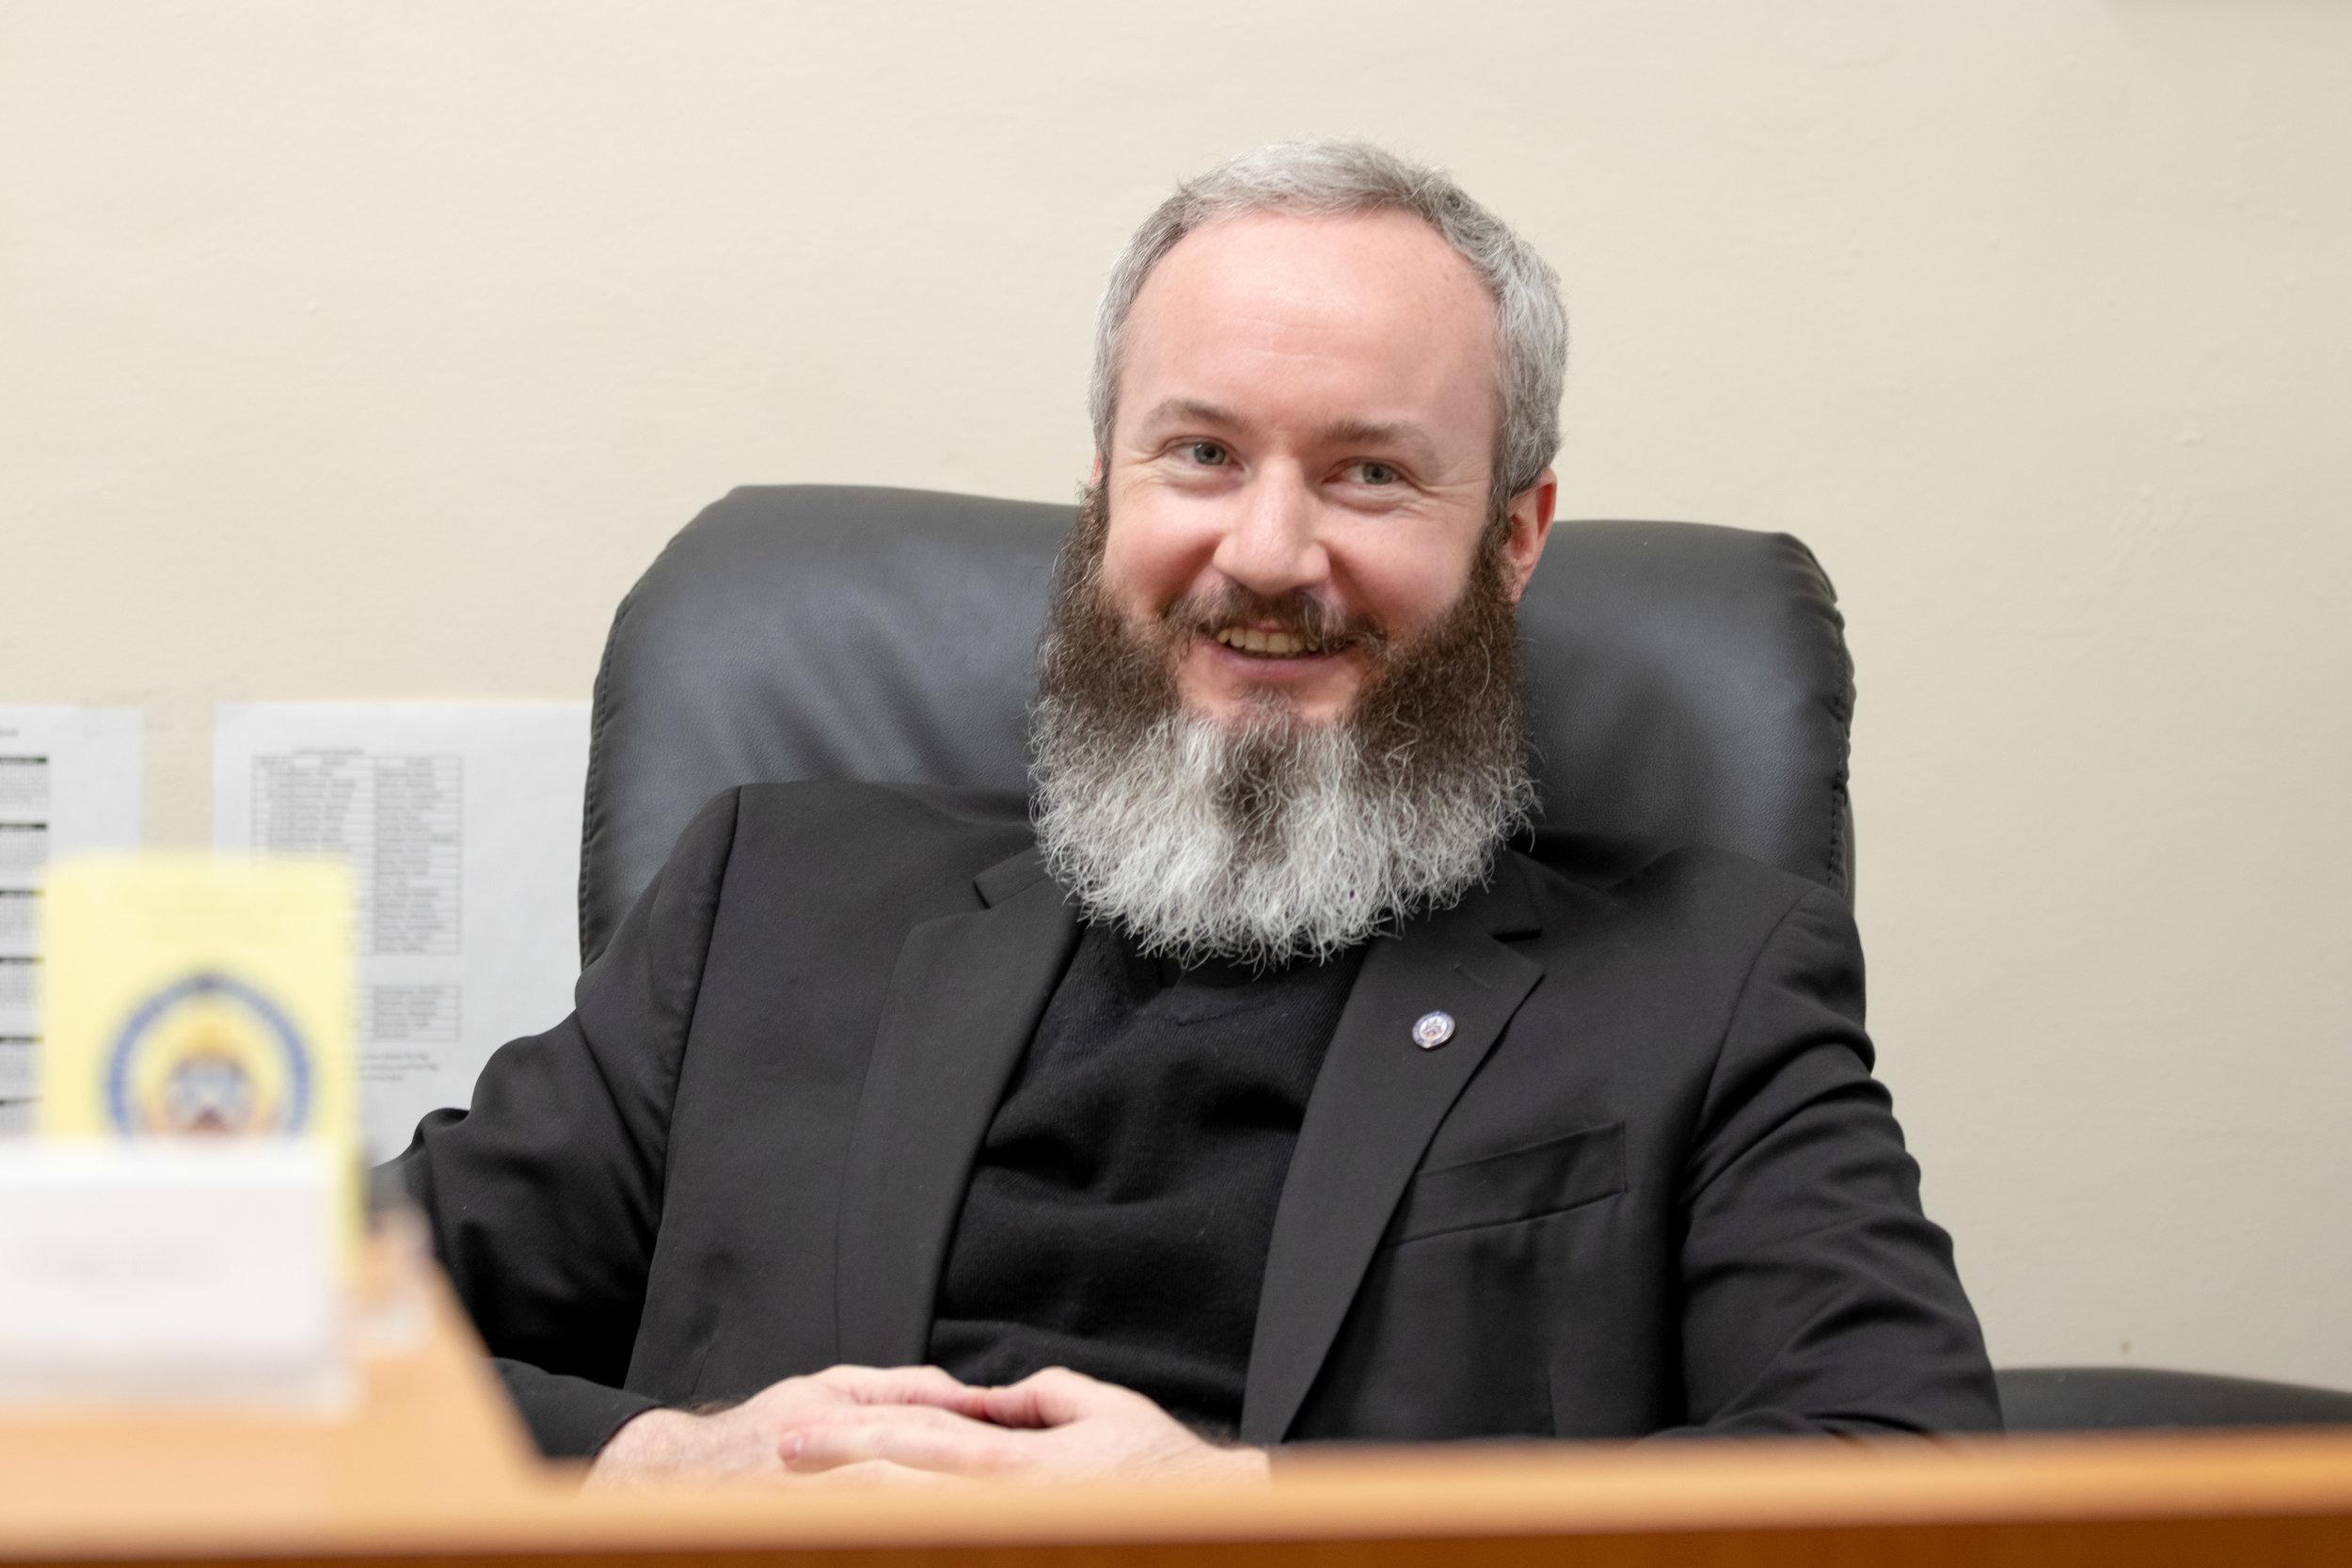 Rev. Daniel O'Mullane: Pastor